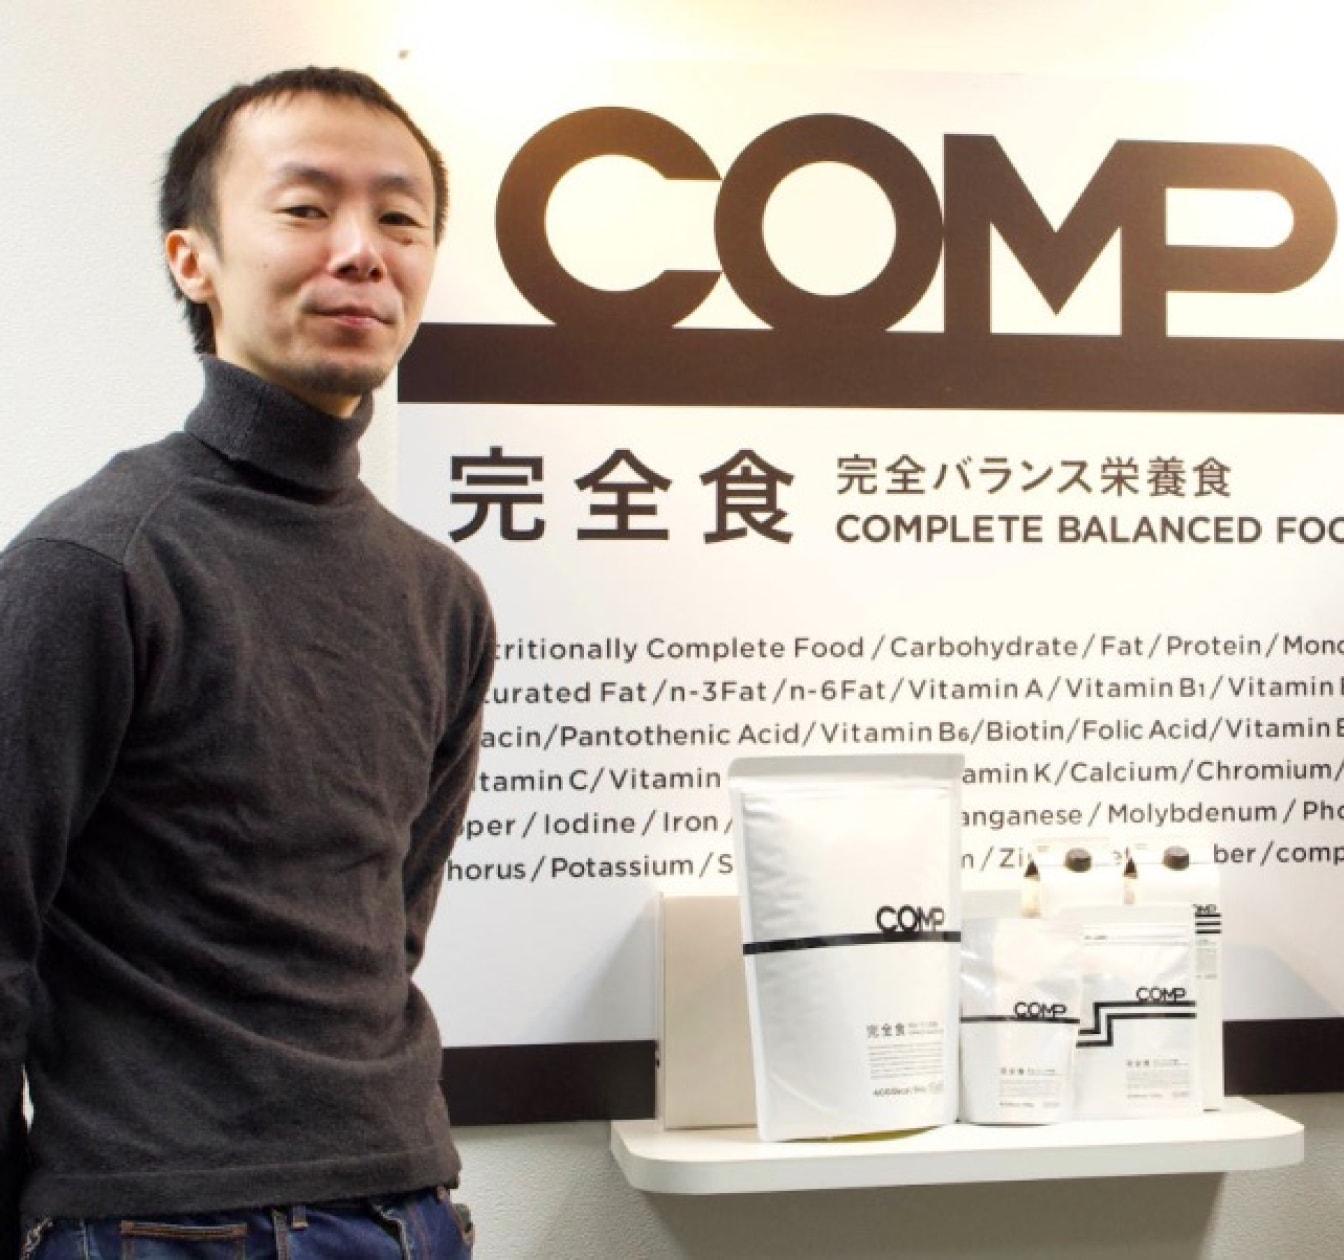 COMP(コンプ)がecforceへ移行により改善されたポイントとは